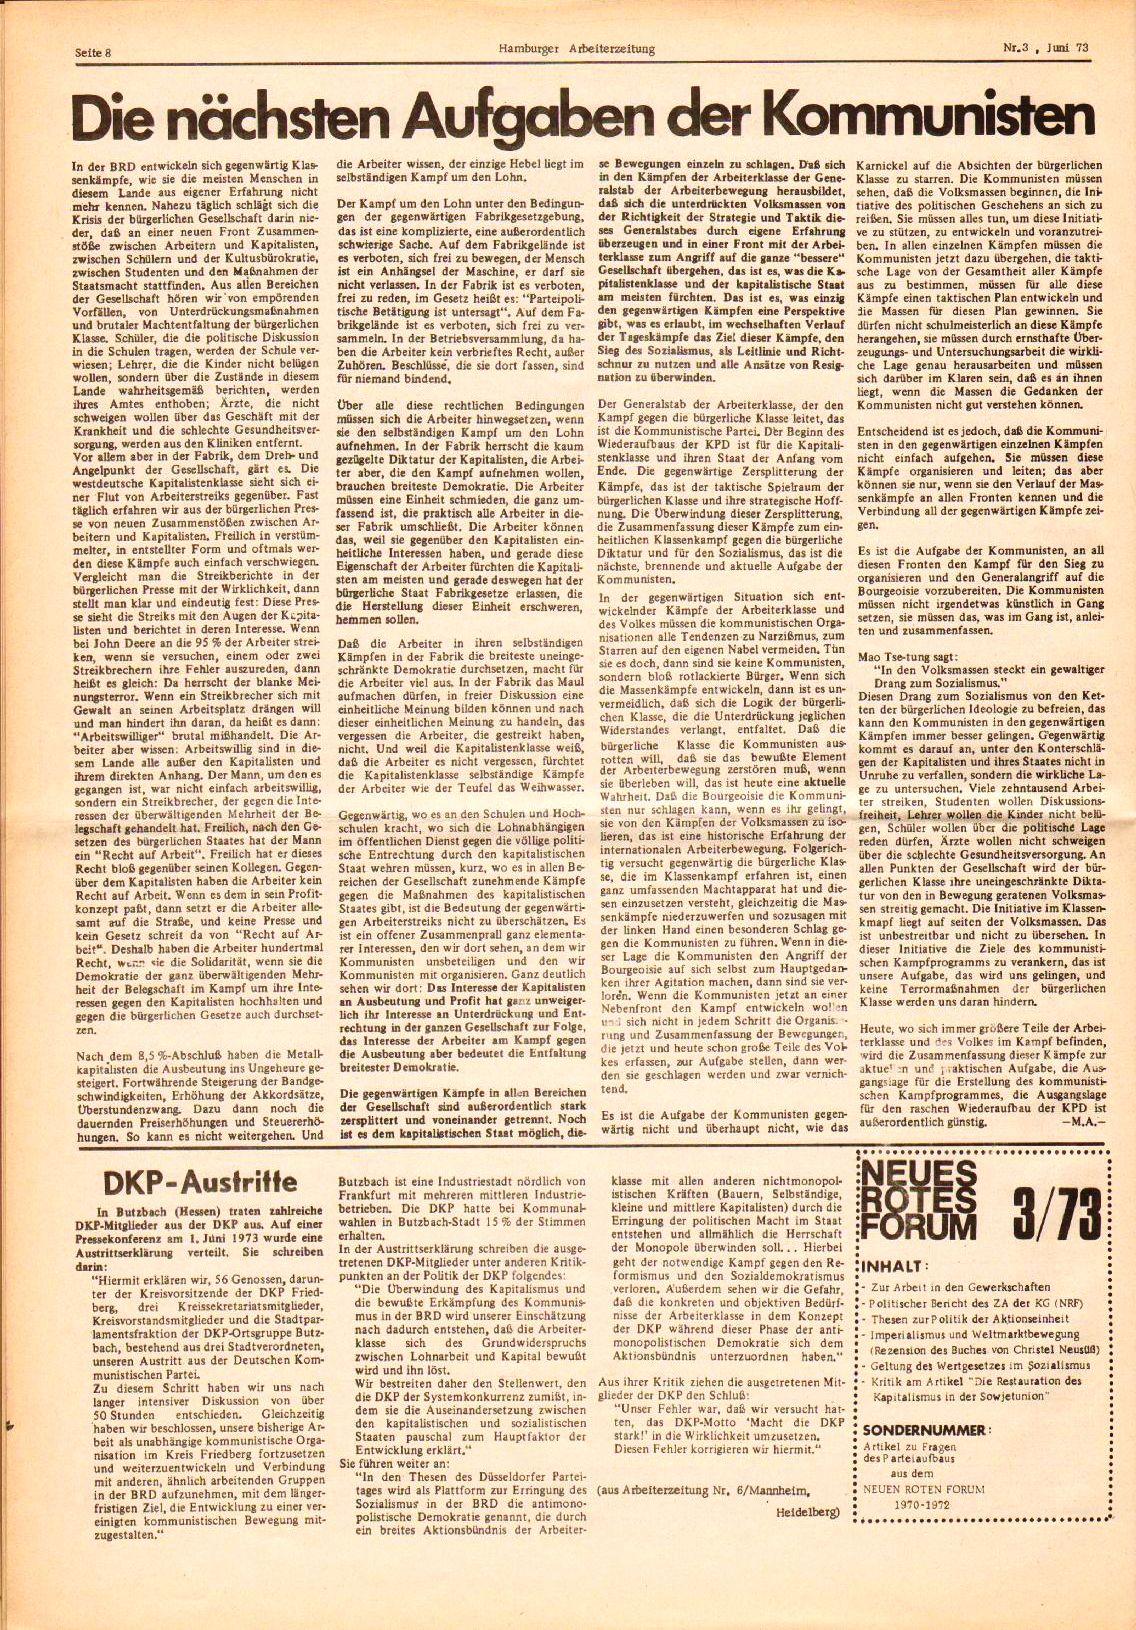 Hamburger_Arbeiterzeitung056